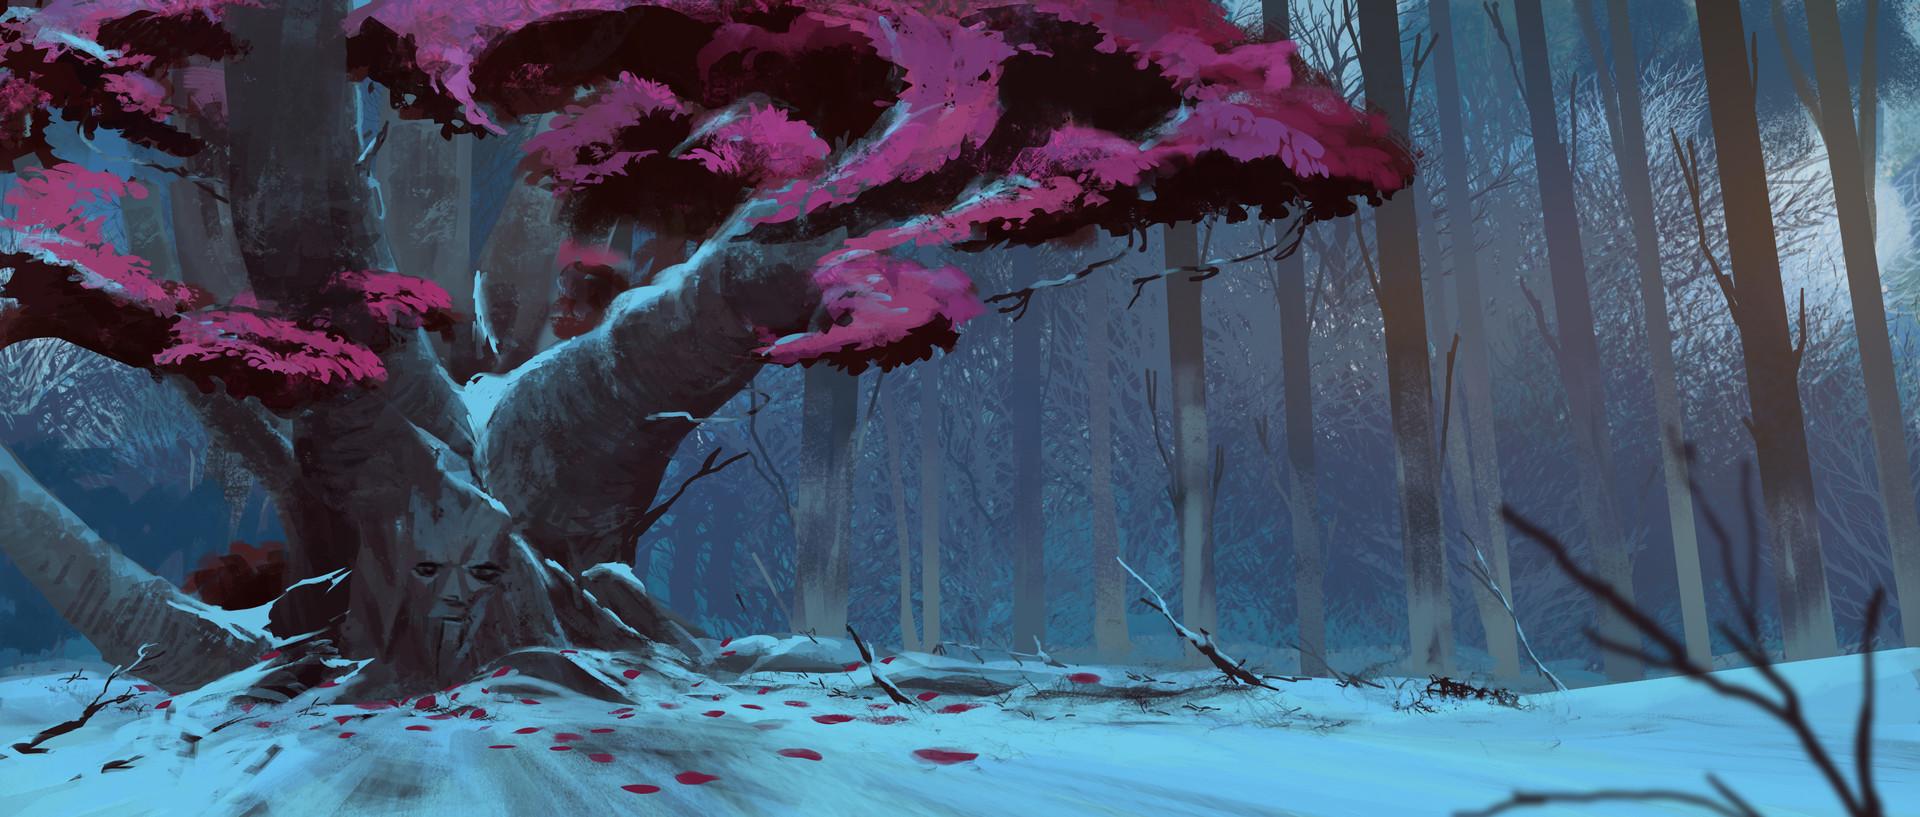 Harrison yinfaowei willow treeb